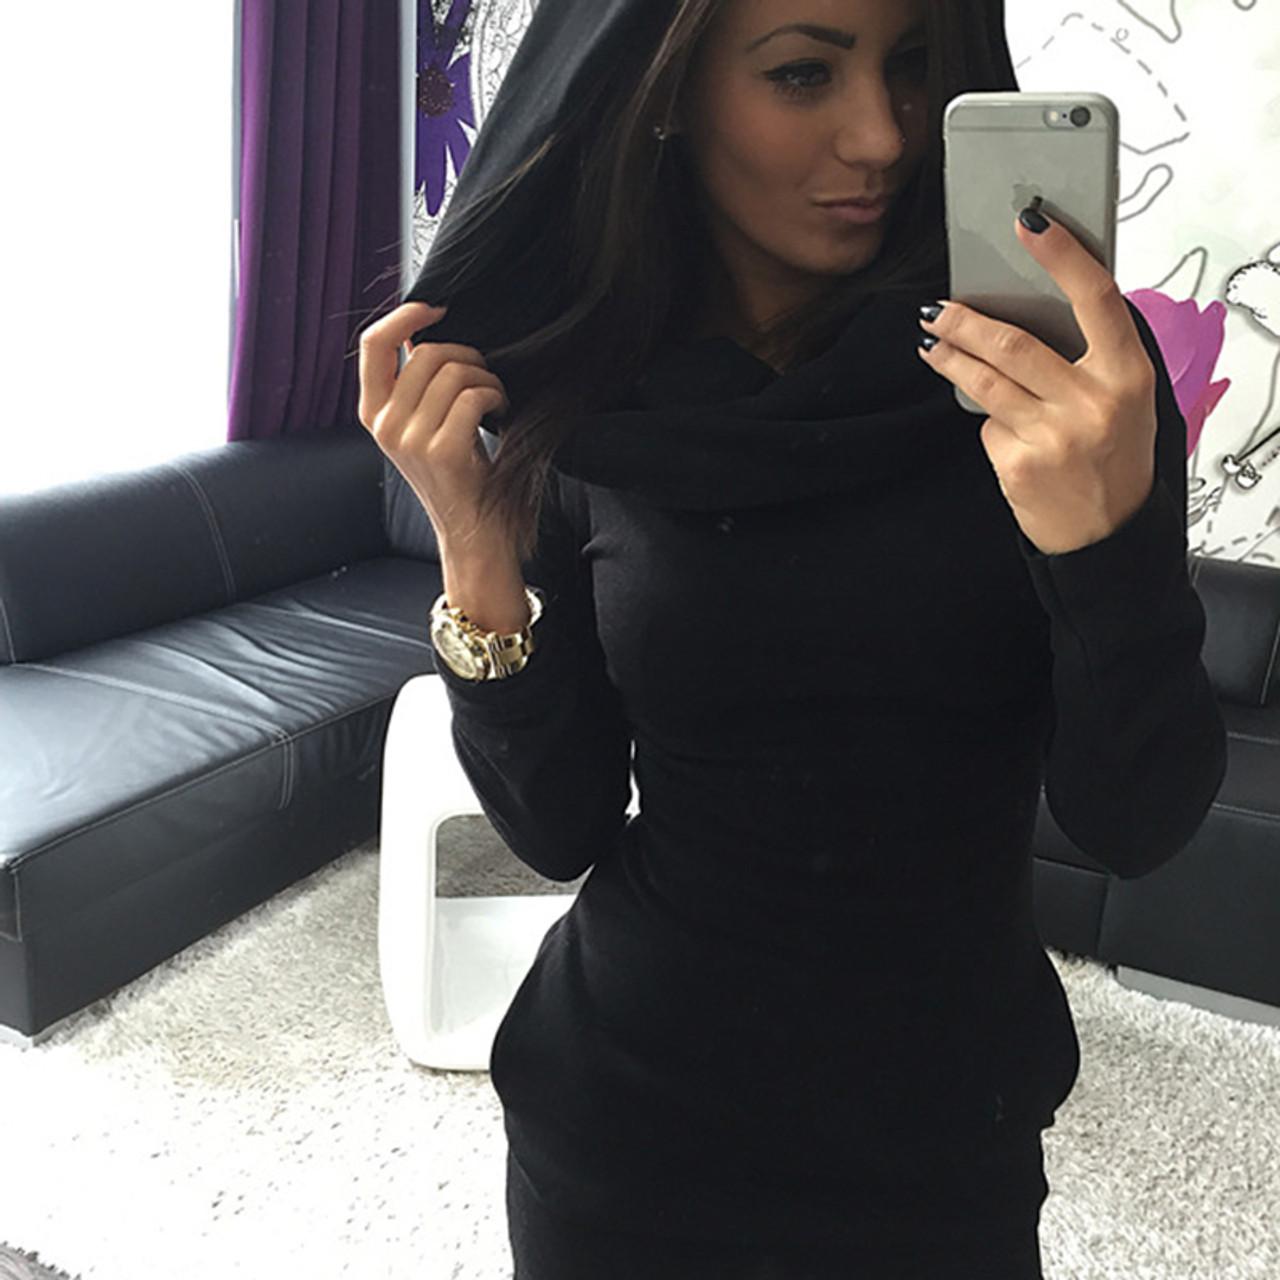 ... Hot Sale Sexy Women Sweatdress Autumn amp Winter Hooded Dress Bodycon  Slim Long Sleeve Dress Basic ... d0b9fd8a92